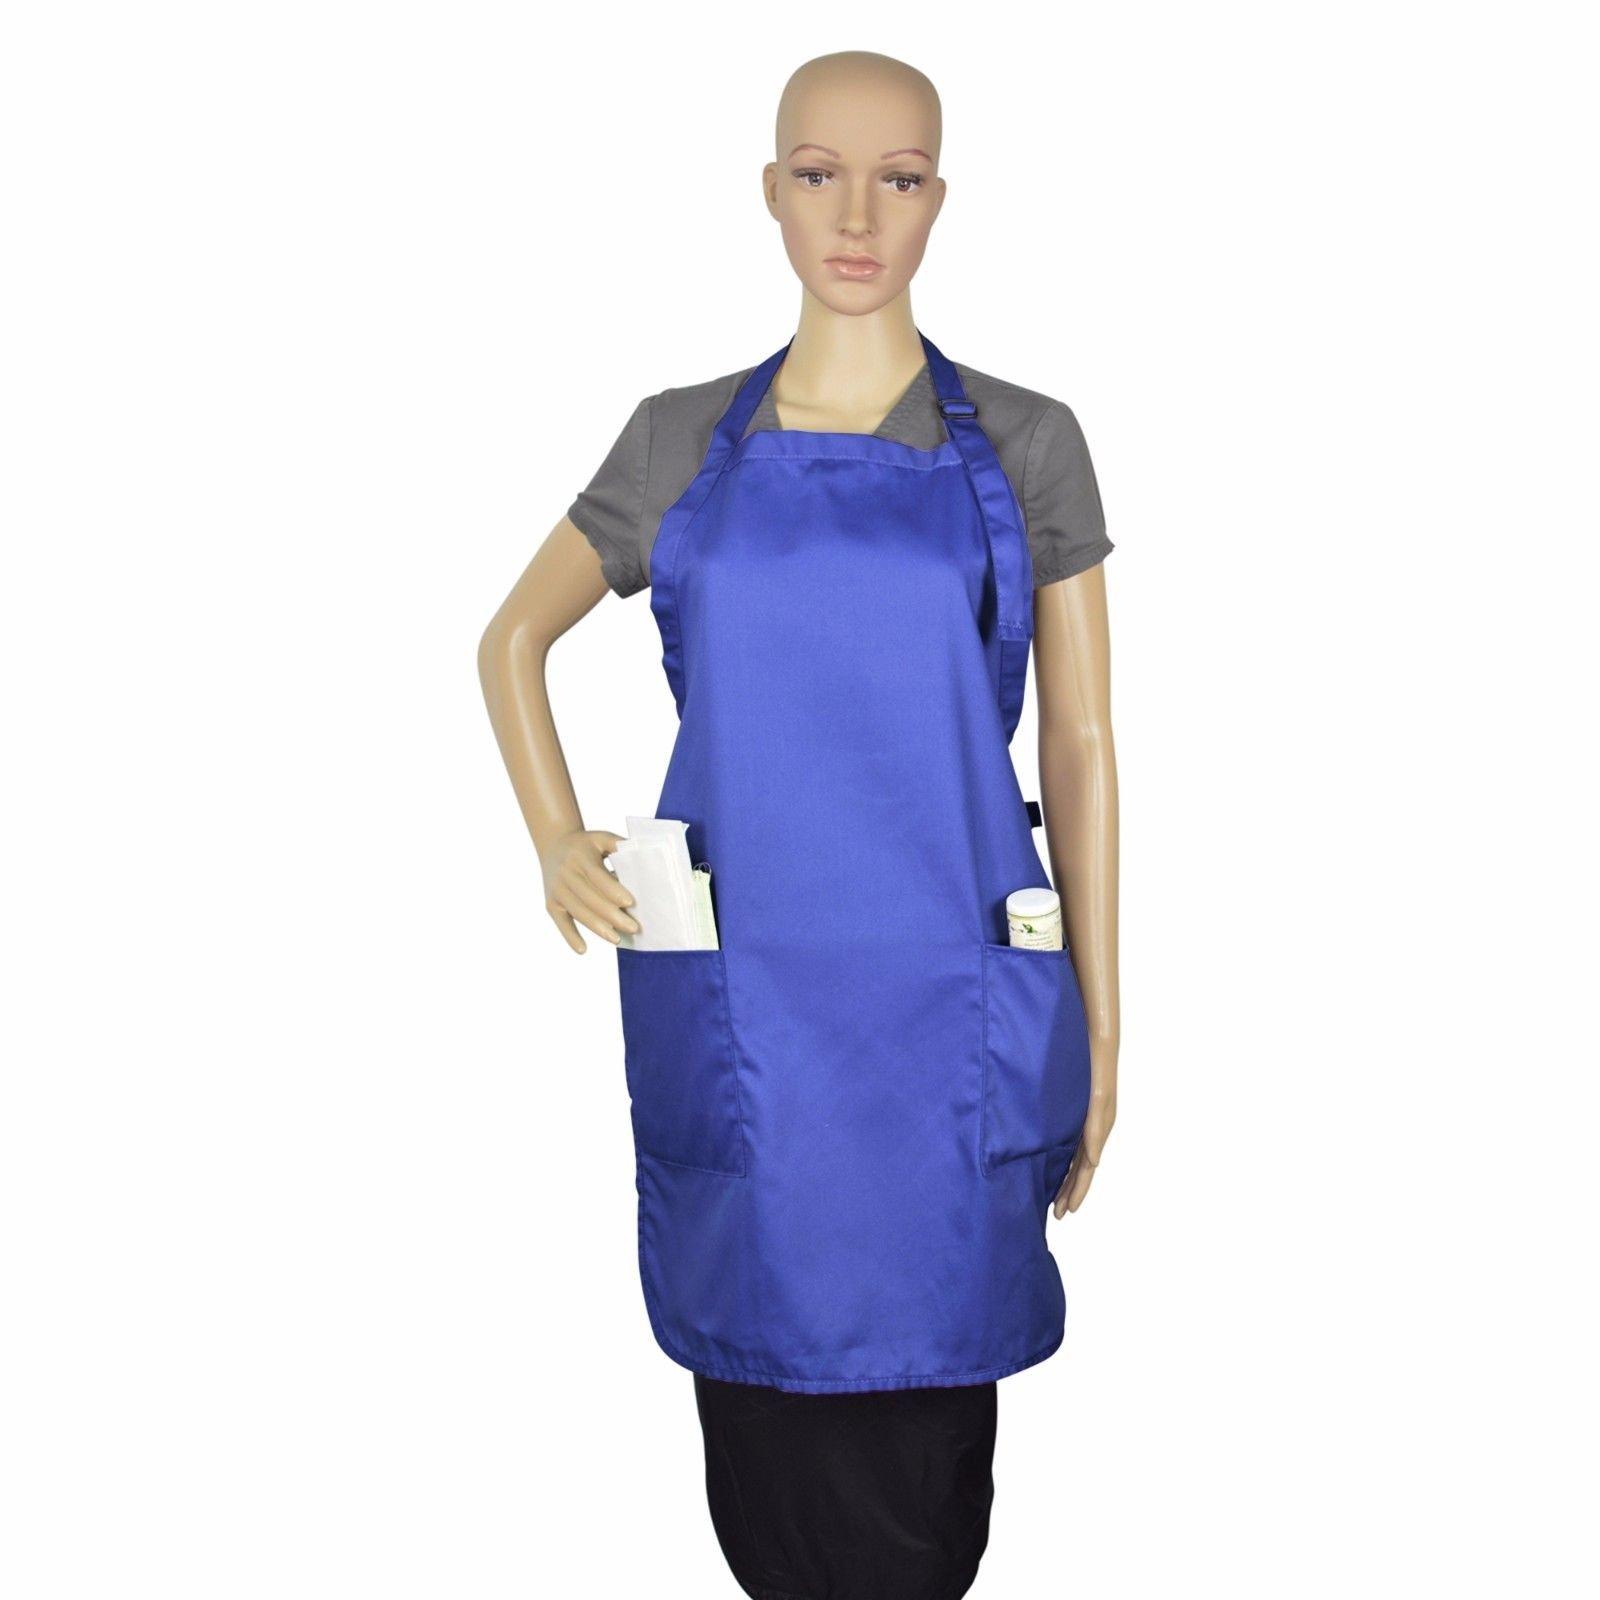 Apron Bib Commercial Restaurant Home Bib Spun Poly Cotton Kitchen Aprons (2 Pockets) (36, Royal)